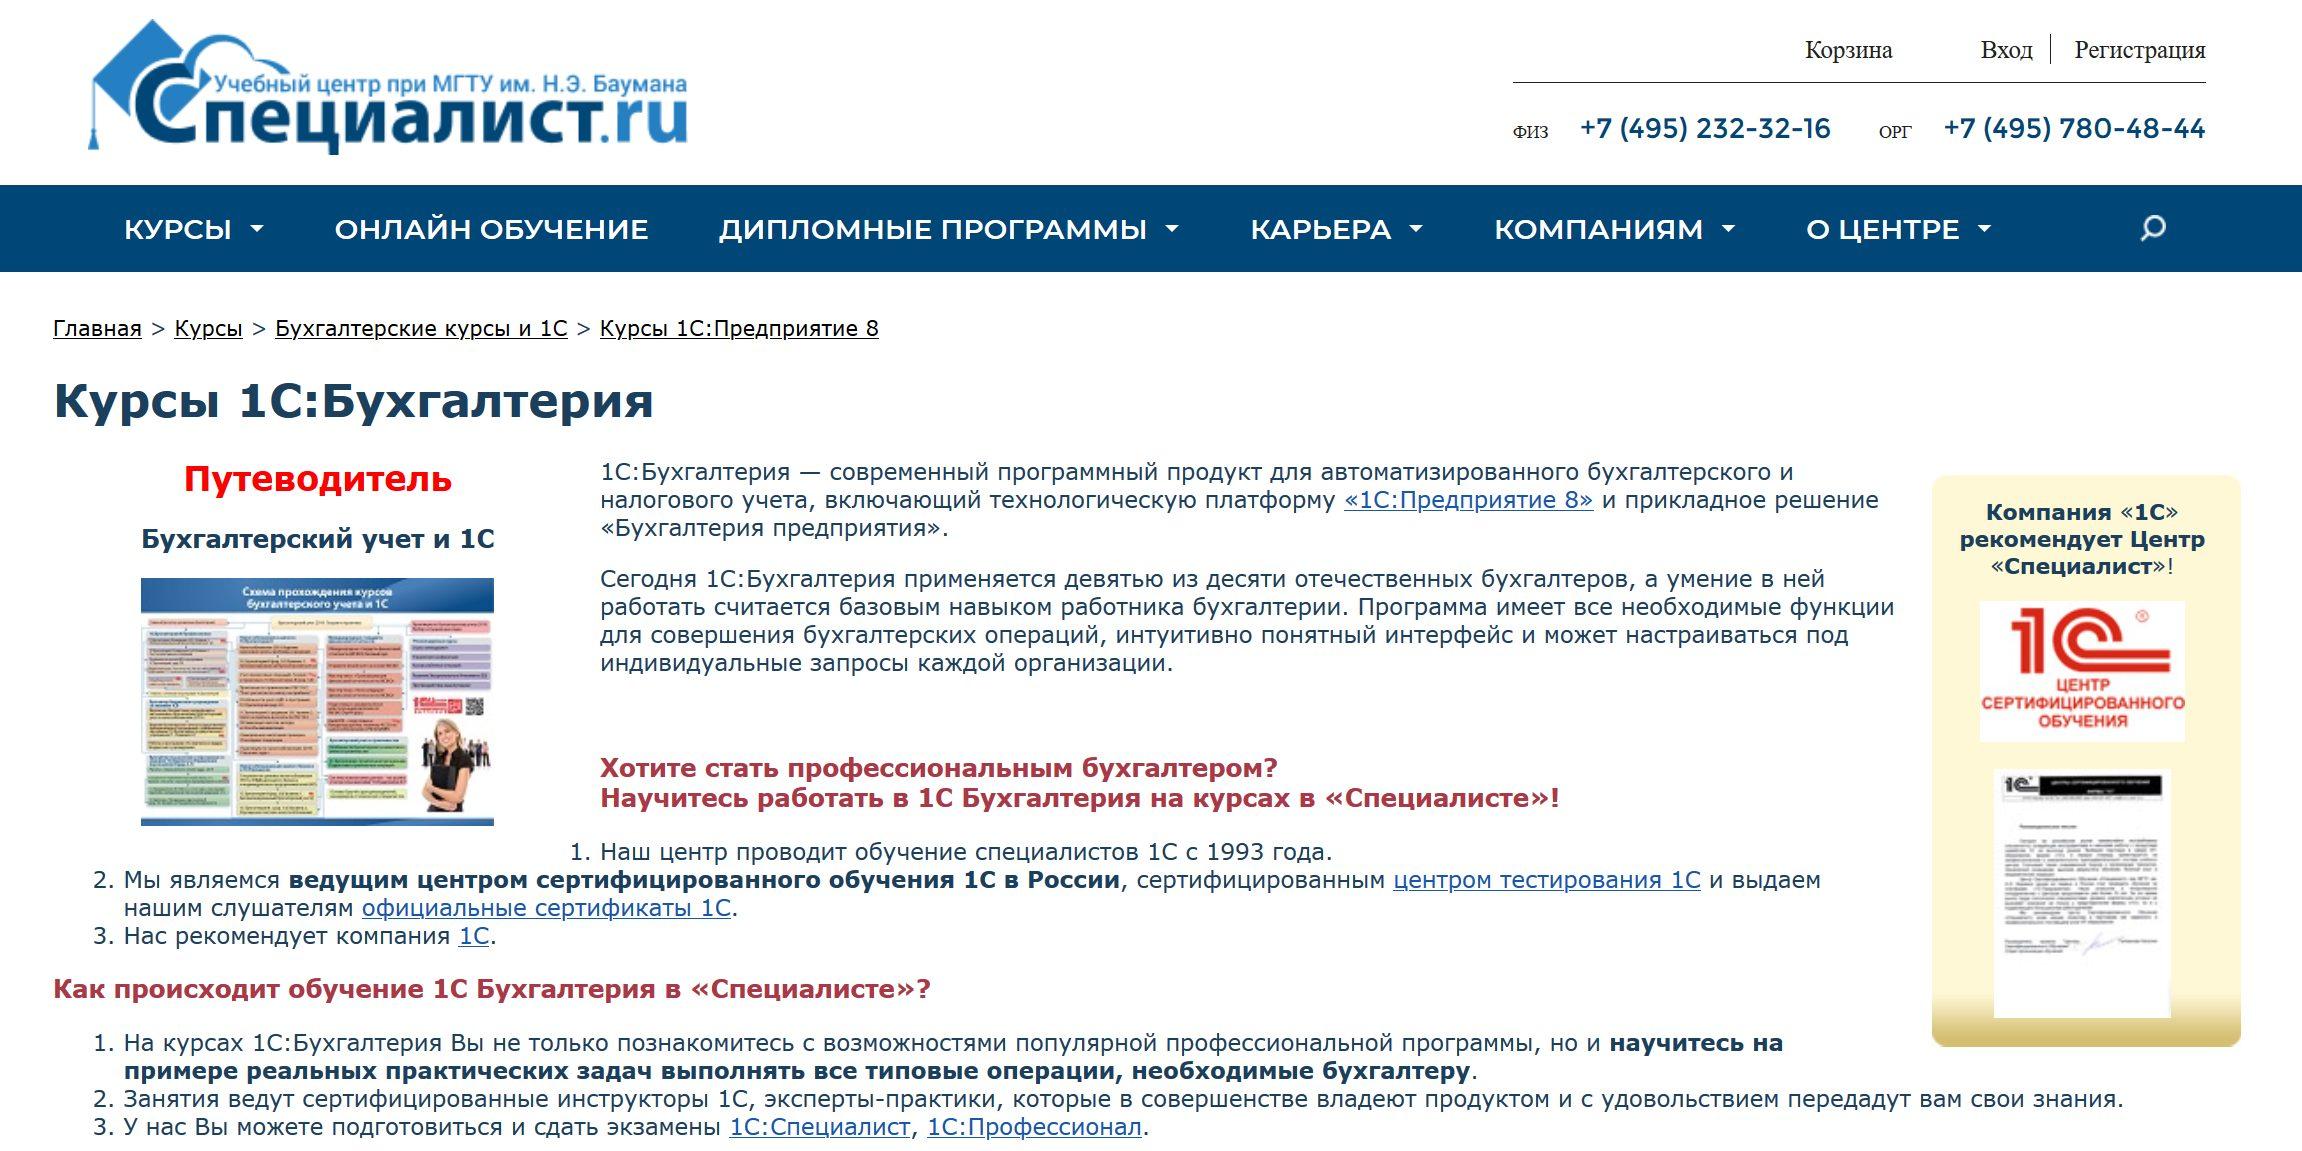 6.  1С: бухгалтерия 8. Автоматизированный бухгалтерский учет от specialist.ru